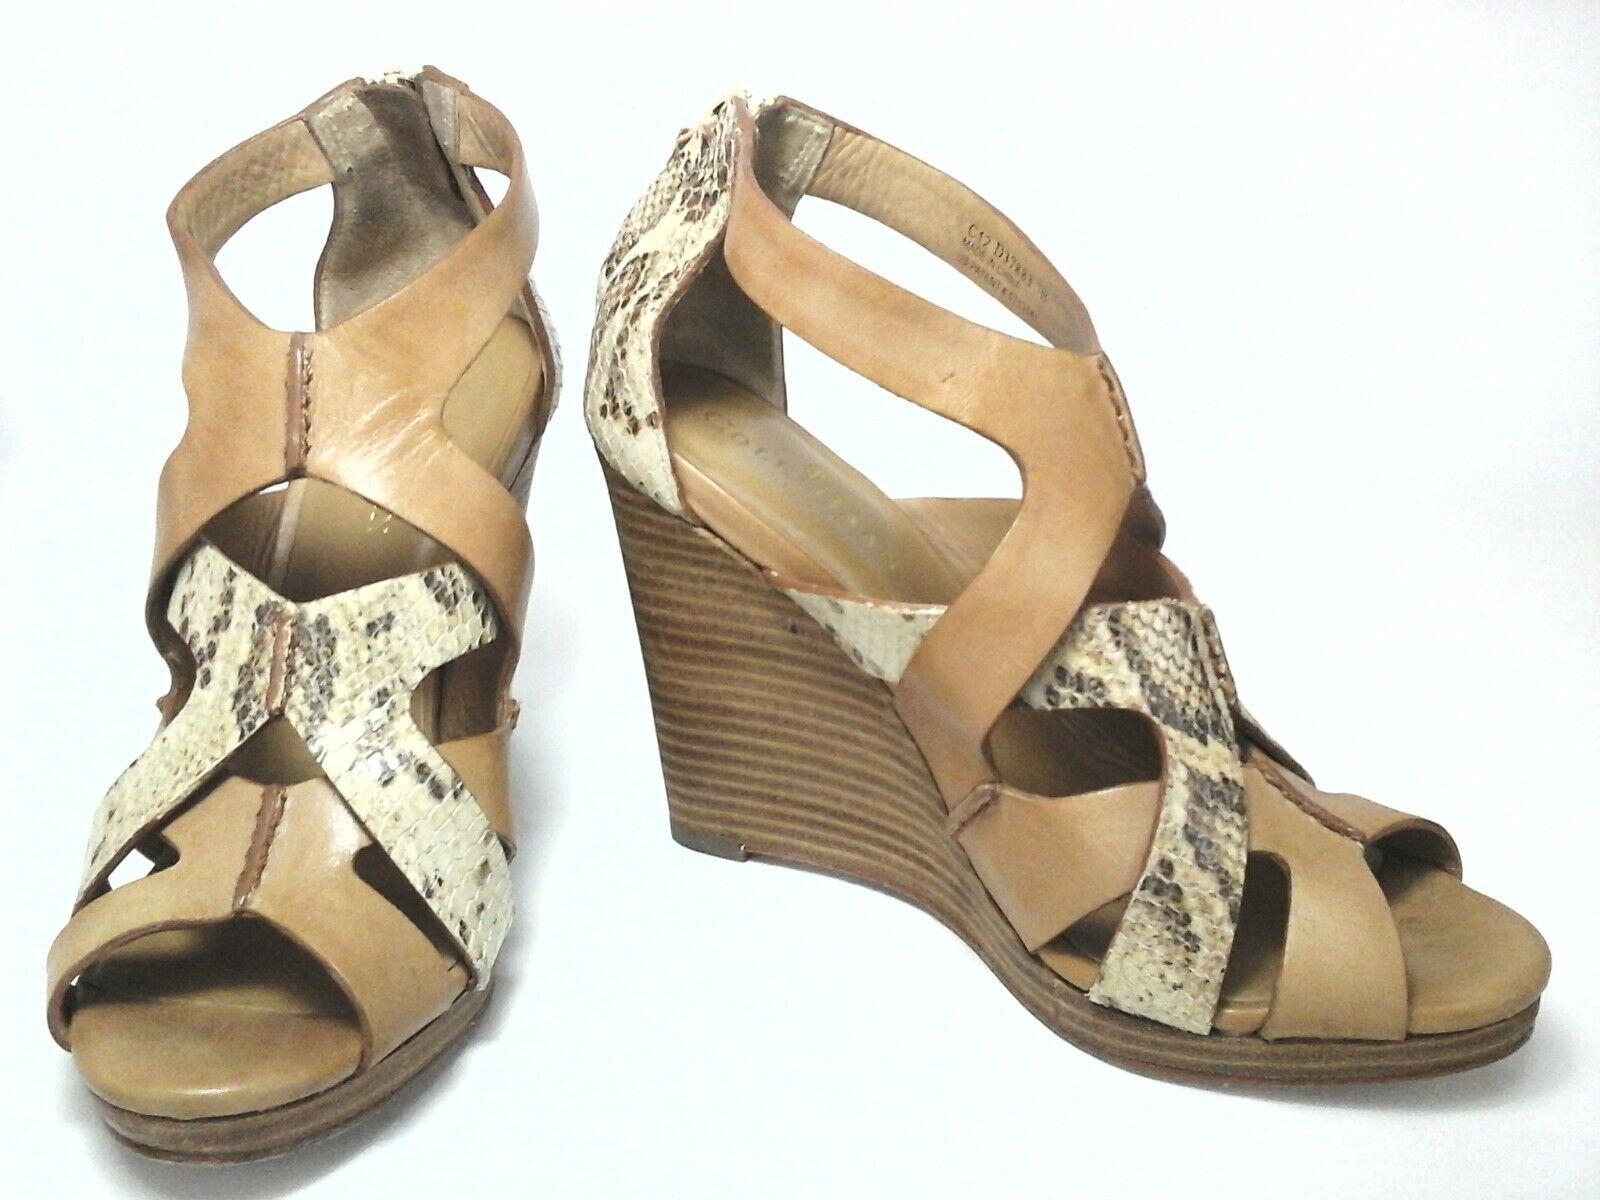 Cole Haan Mujeres Tacones Cuña Sandalias Serpiente Con Tiras Bronceado US 7